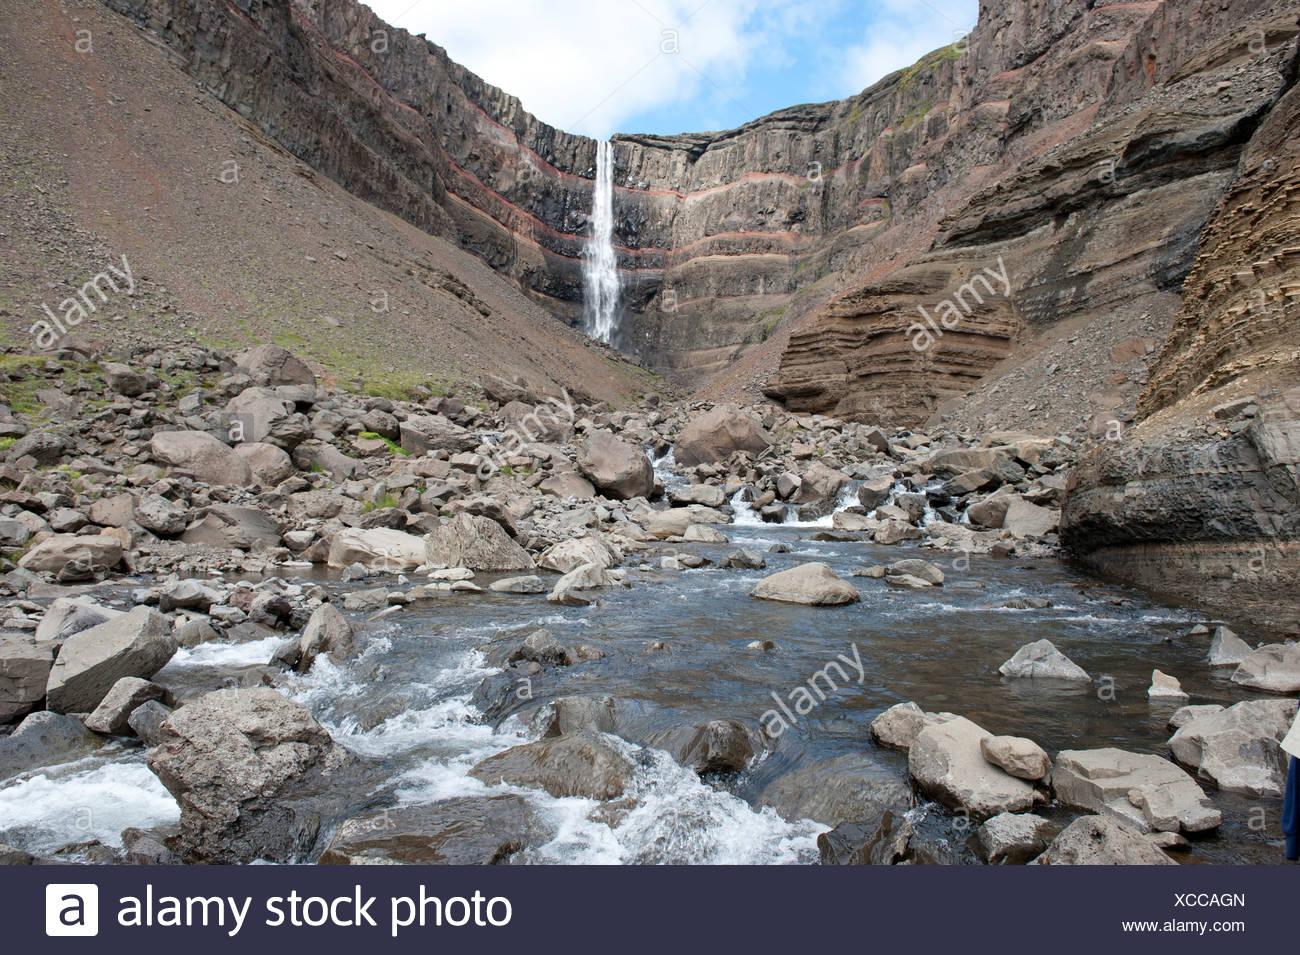 Rugged landscape, stream, Hengifoss waterfall near Egilsstaðir, Iceland, Scandinavia, Northern Europe, Europe - Stock Image